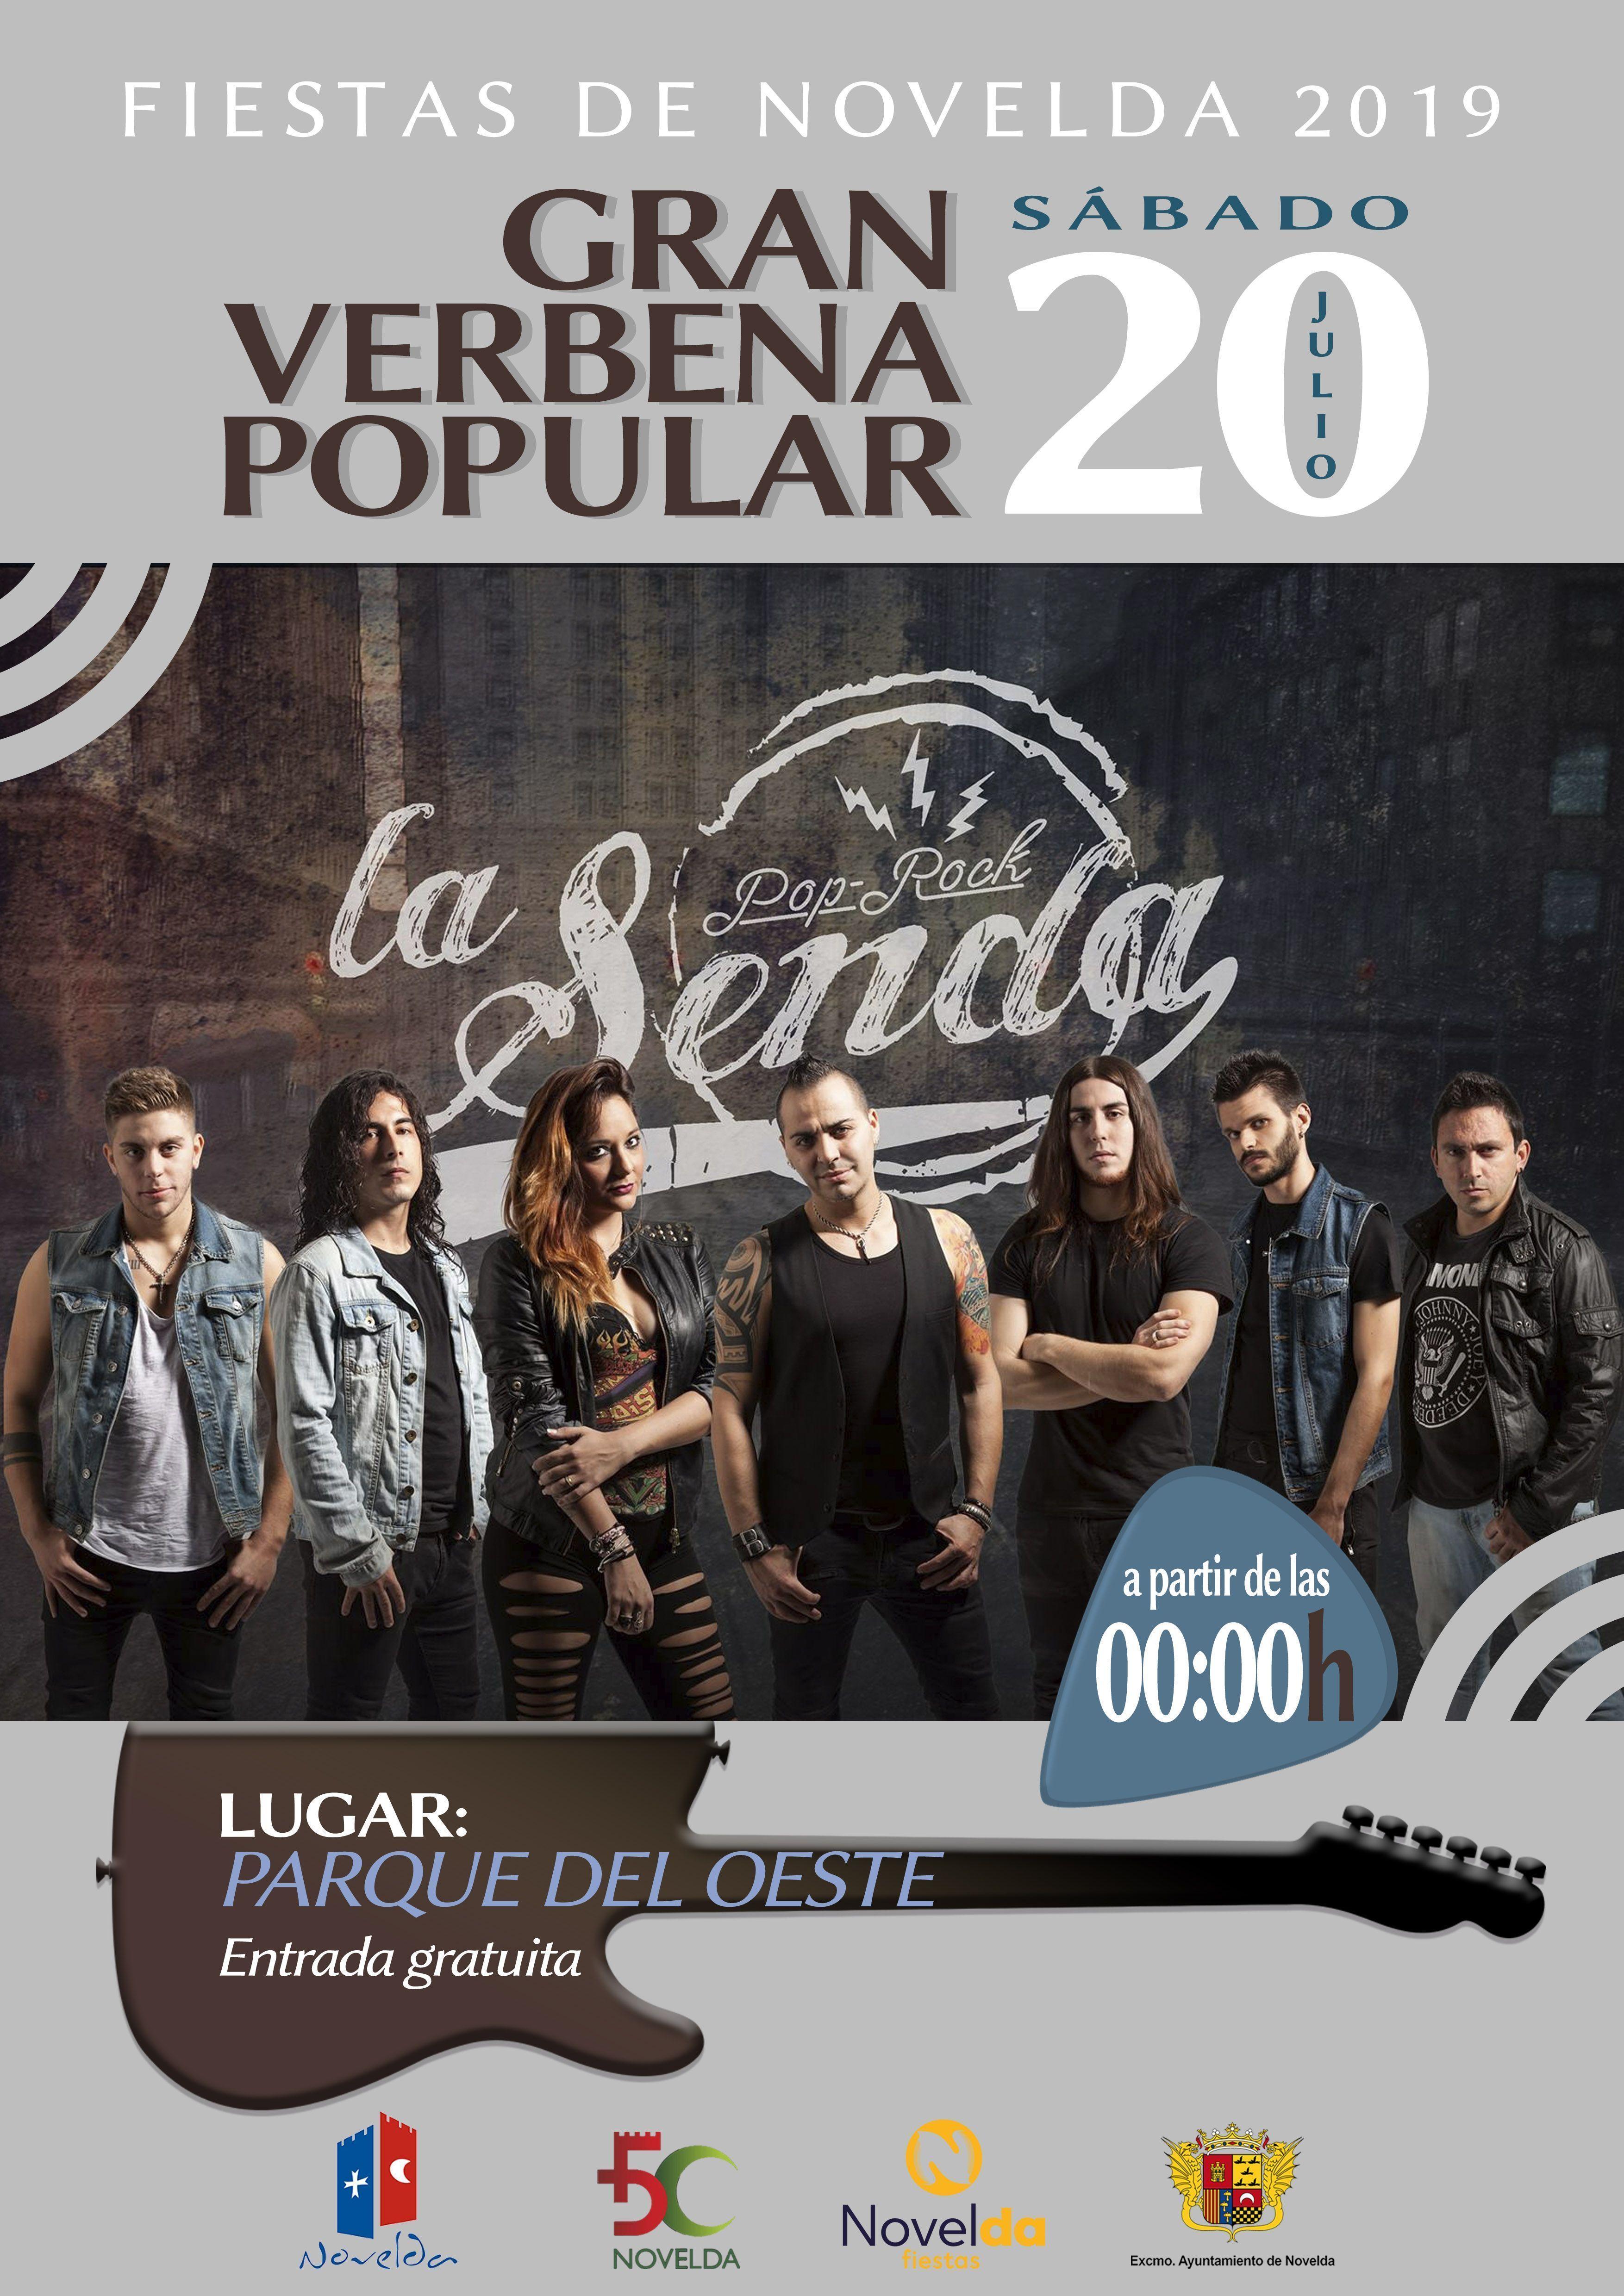 Ayuntamiento de Novelda GRAN-VERBENA-20-J Verbena Popular